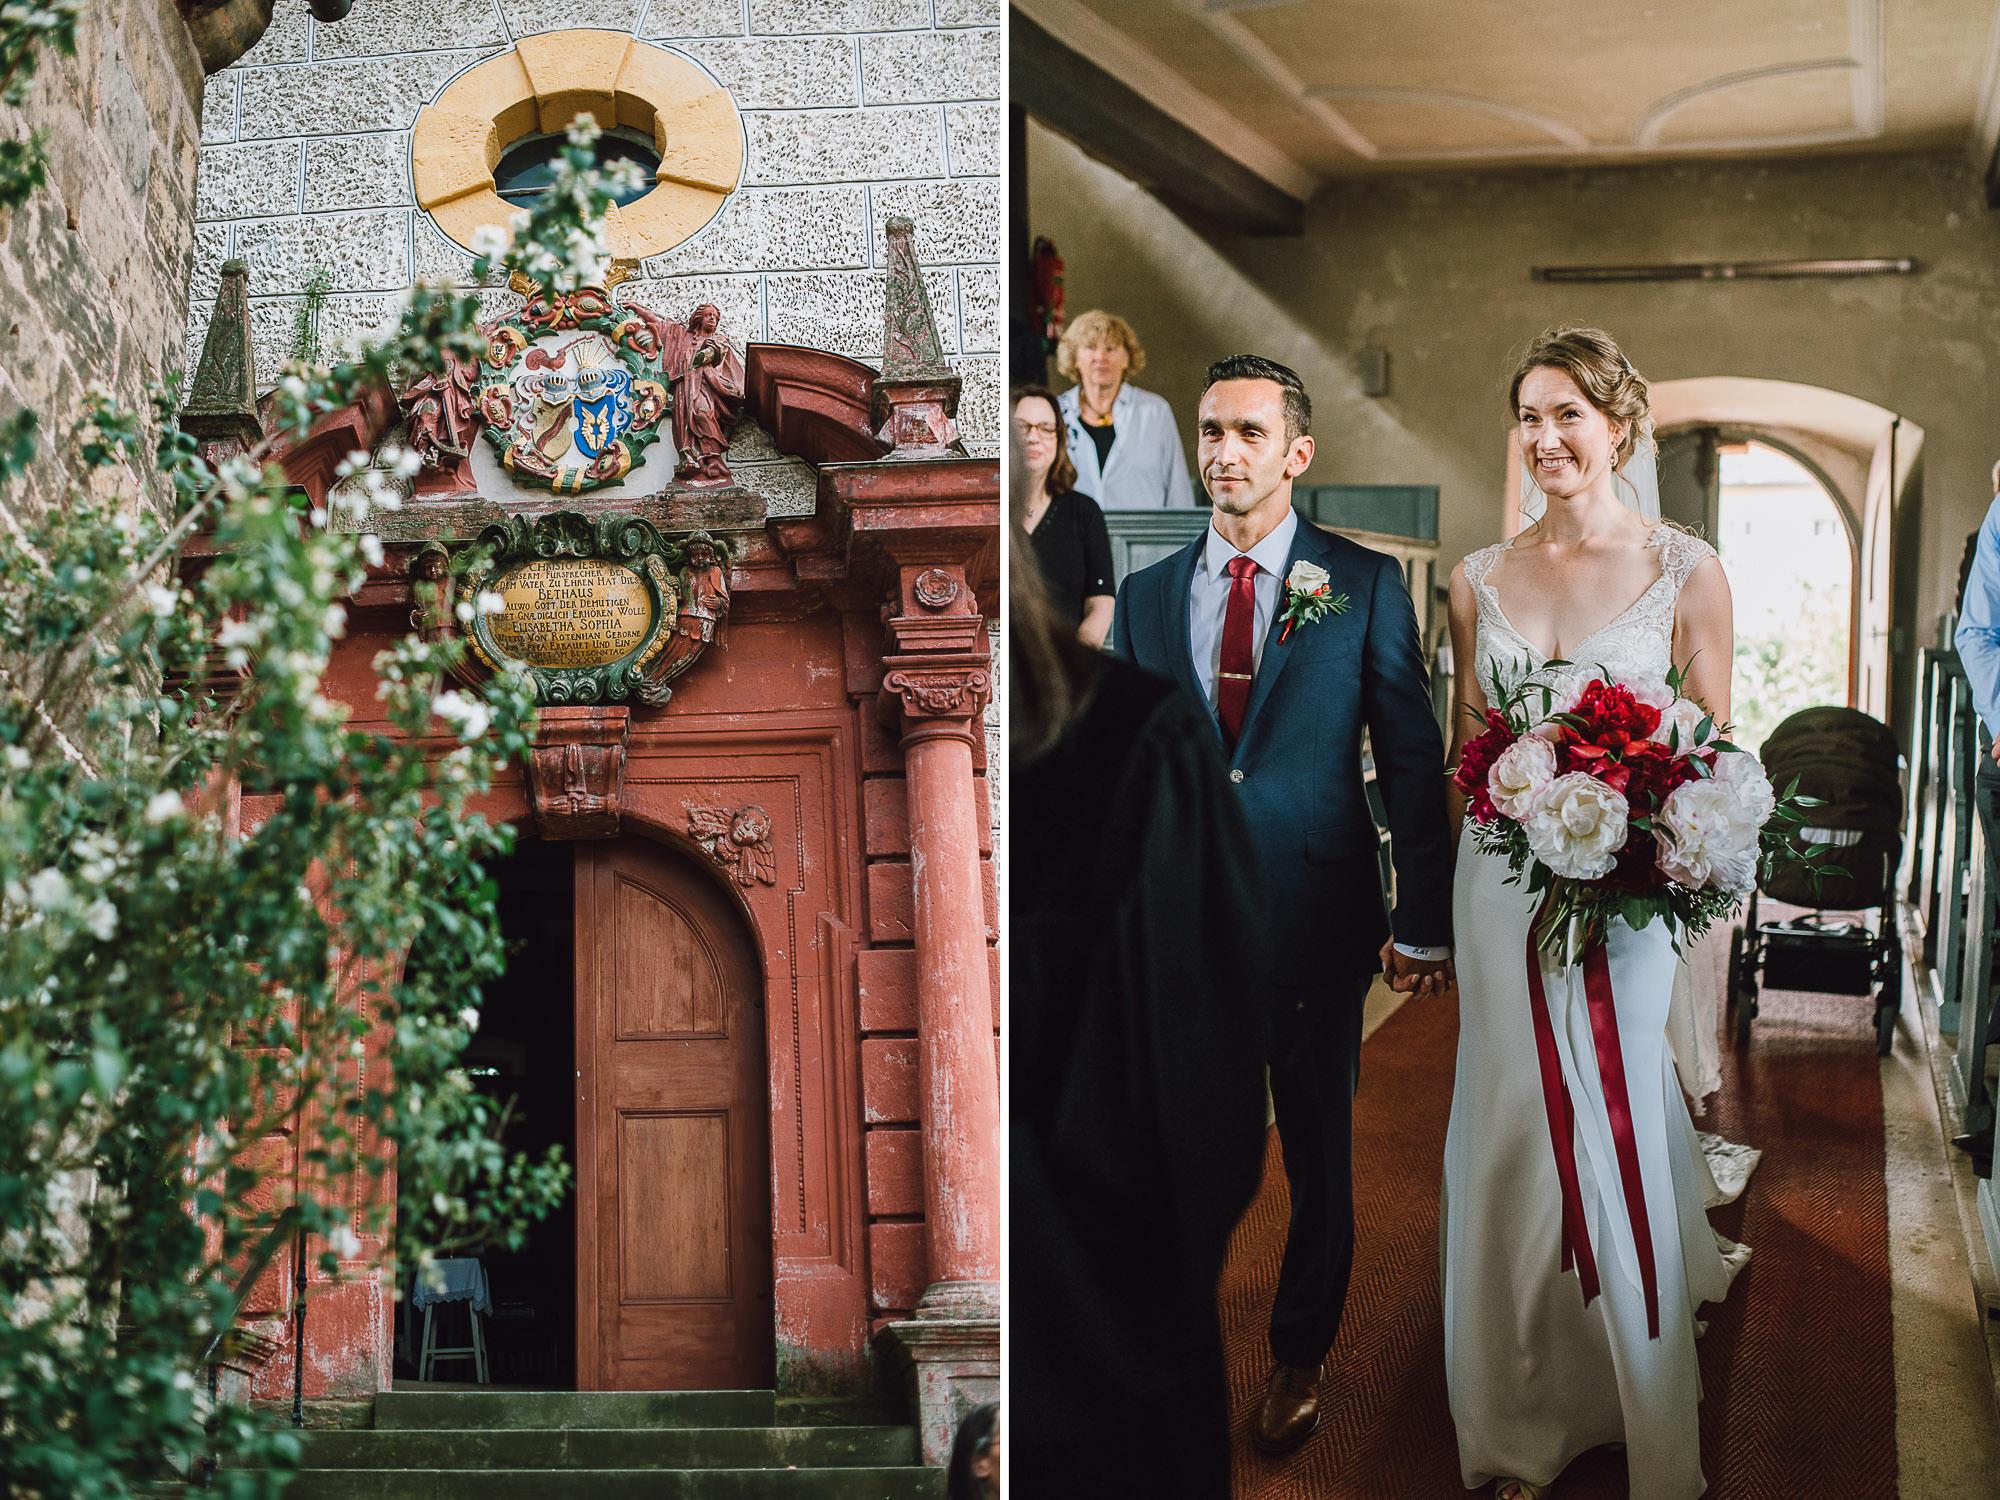 rustic-elegant-wedding-schloss-hochzeit-eyrichshof-franken-bamberg-049